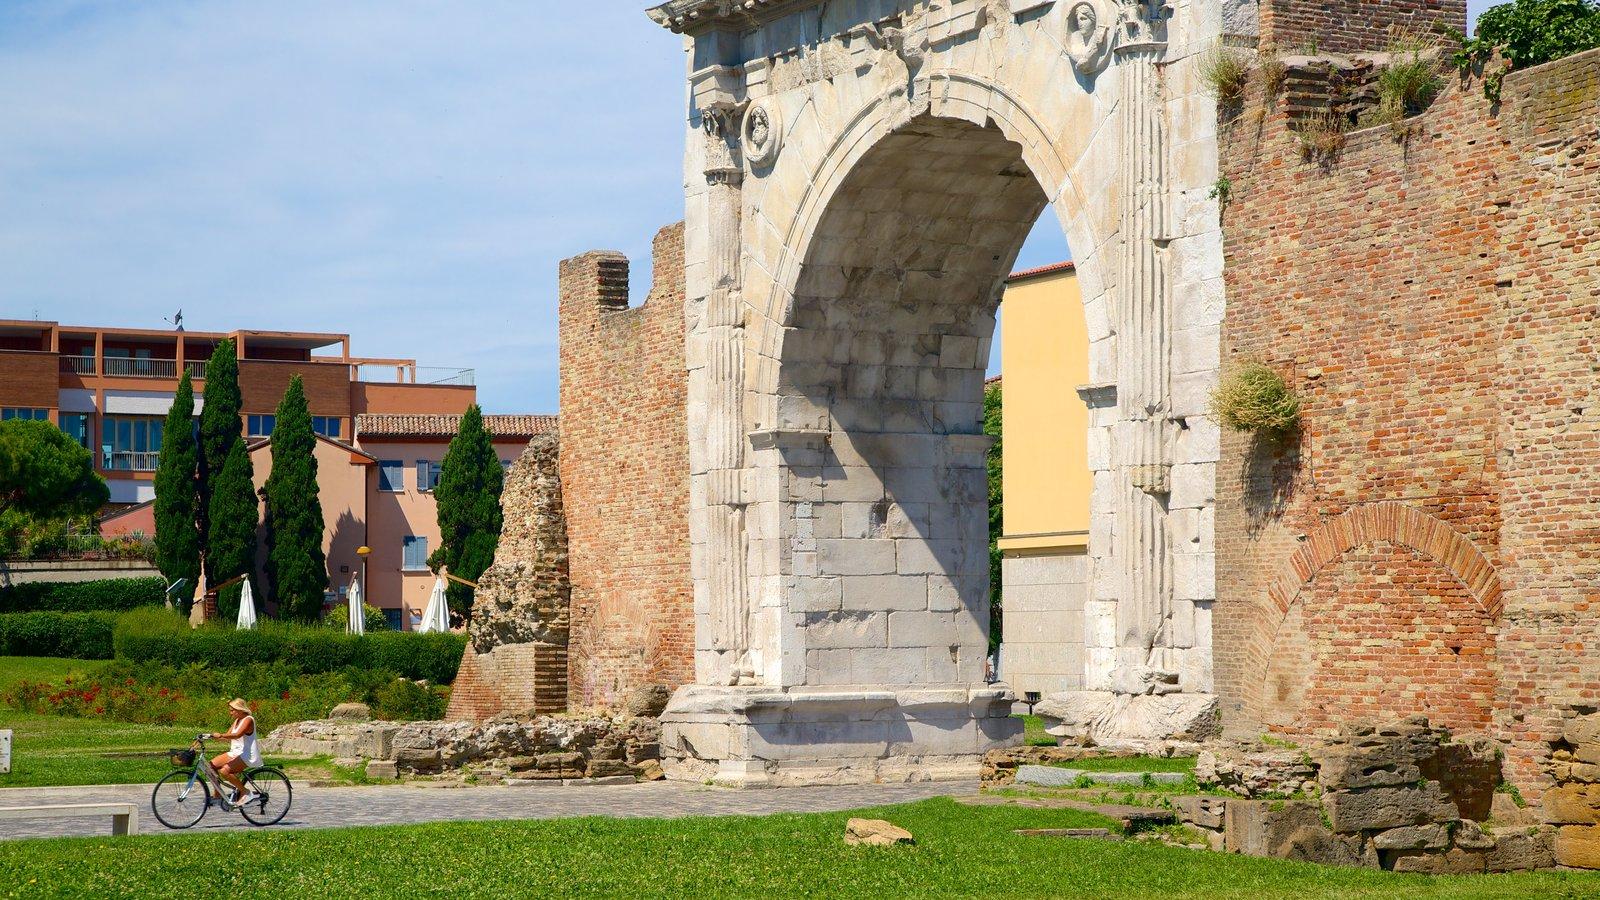 Arco de Augusto que inclui uma ruína, elementos de patrimônio e arquitetura de patrimônio